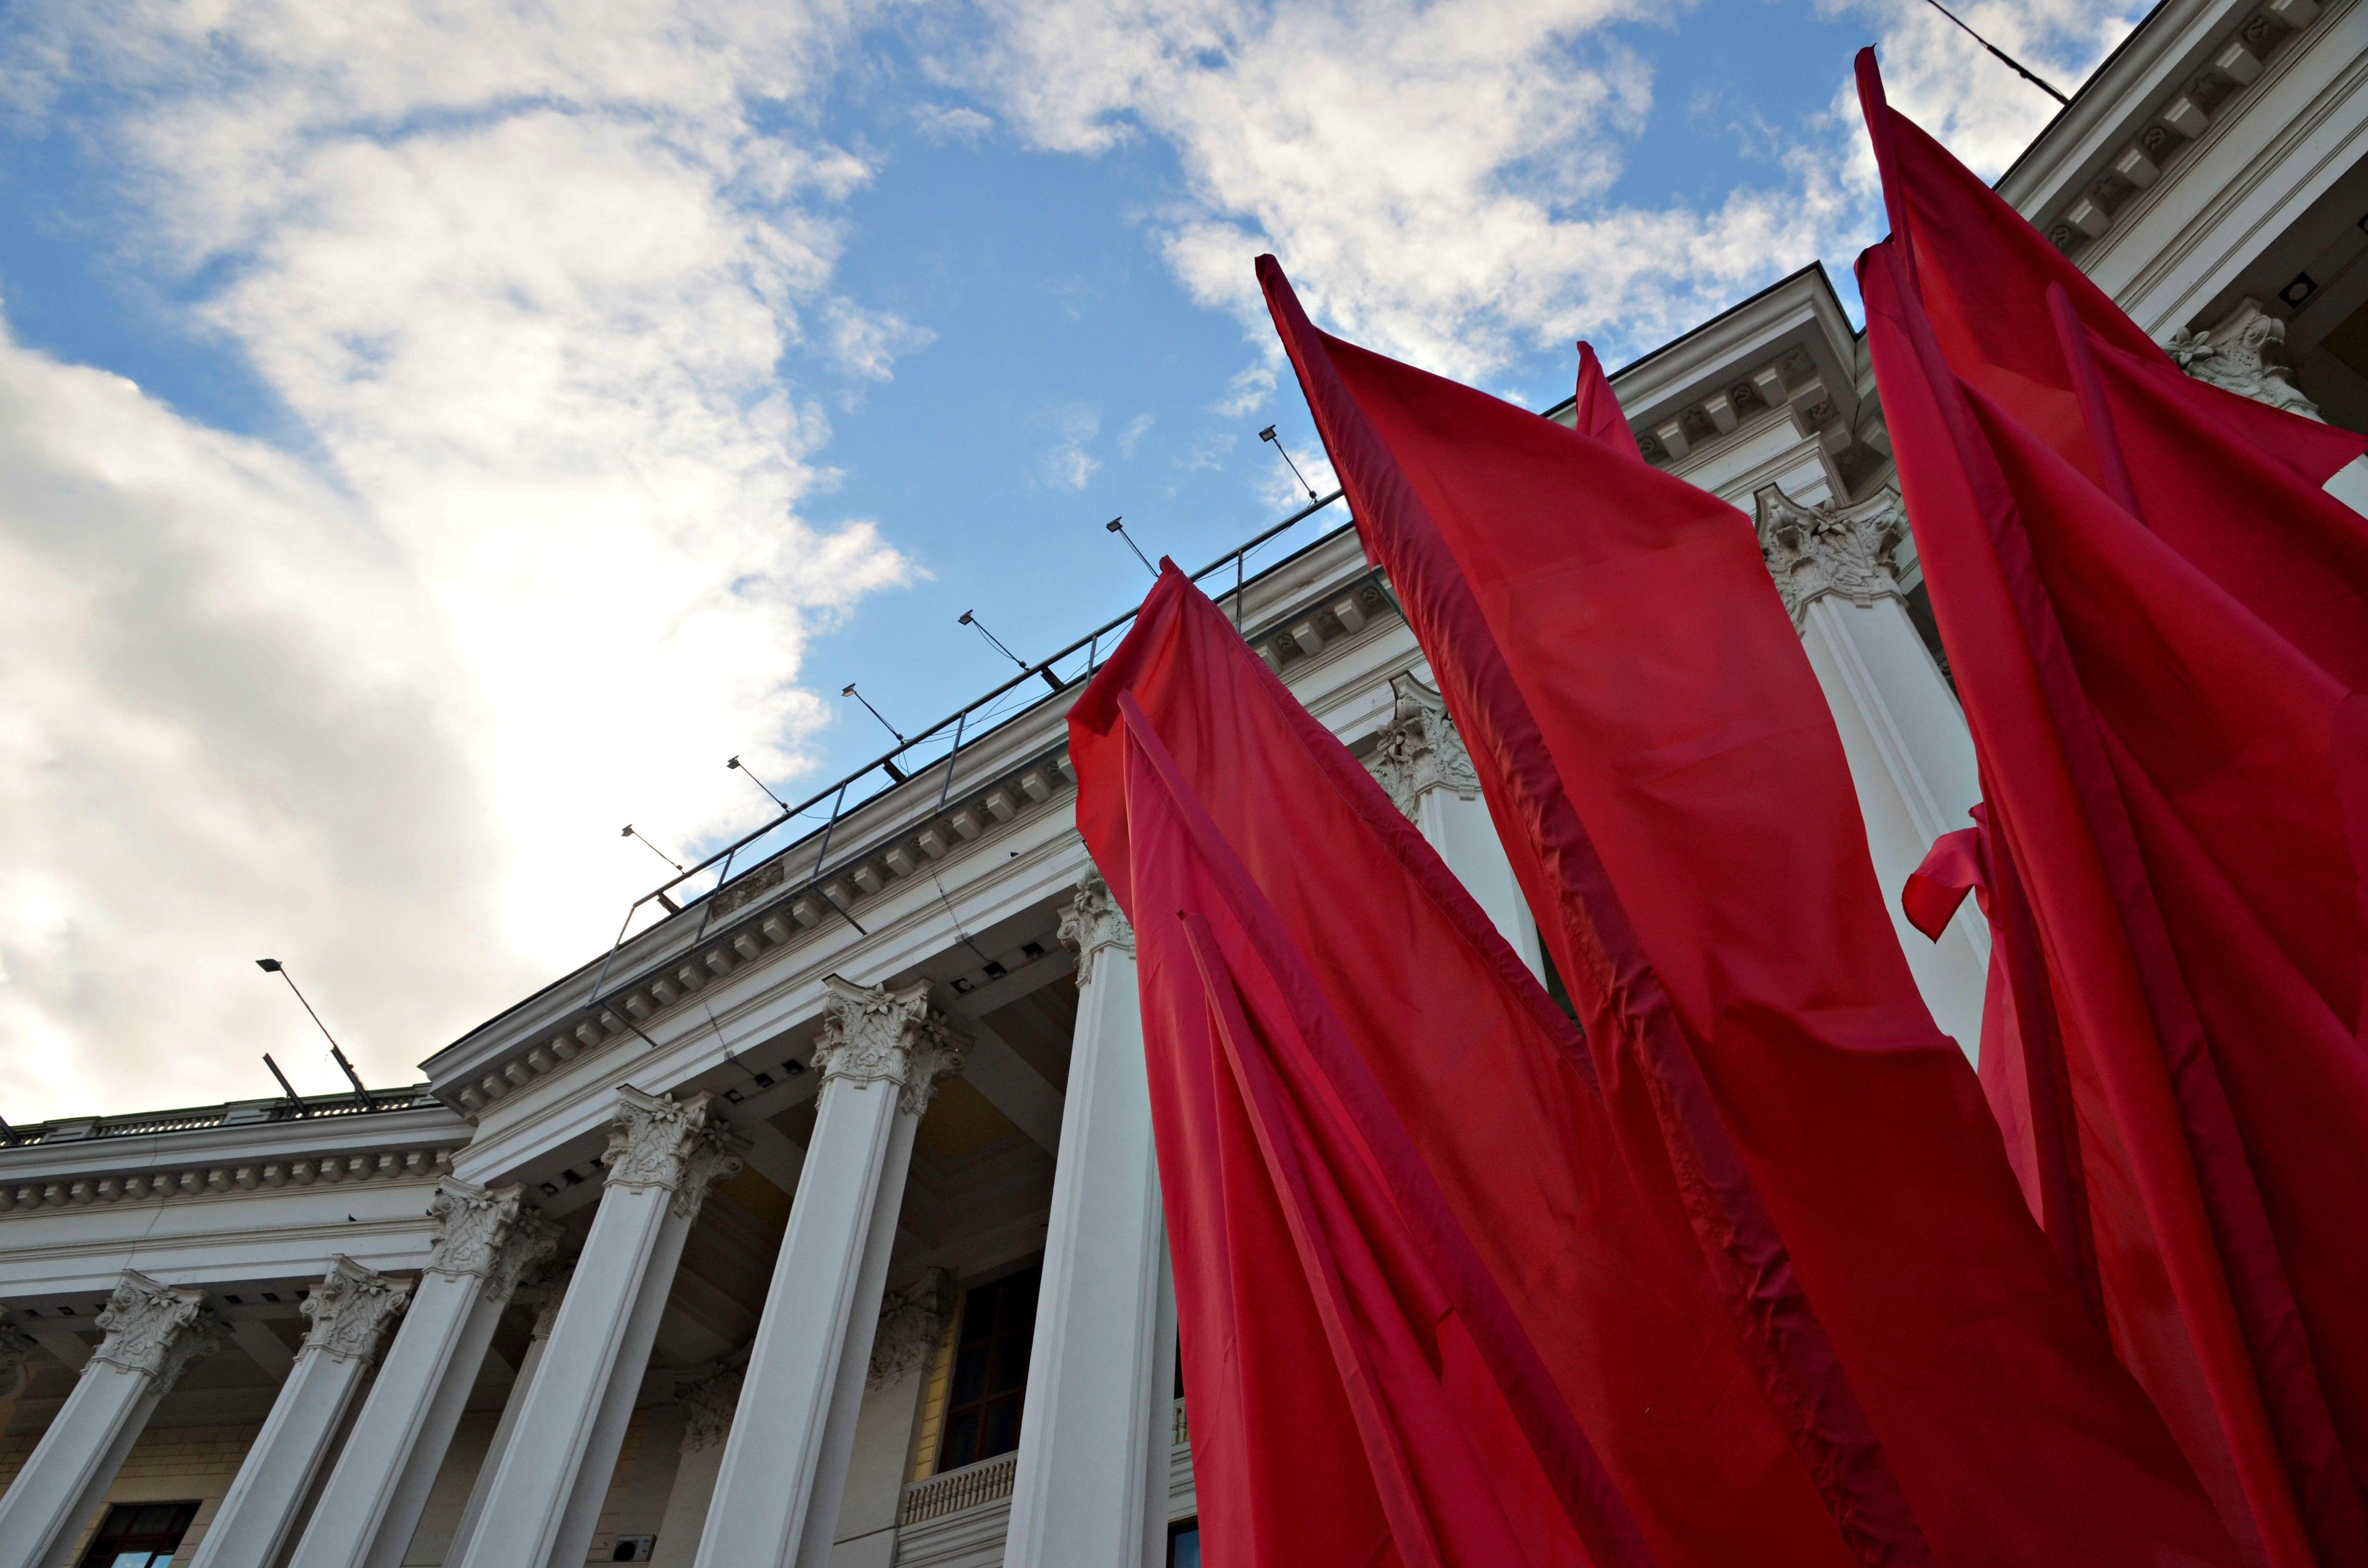 Флаги и декоративные конструкции украсят Москву в преддверии 75-летия Победы